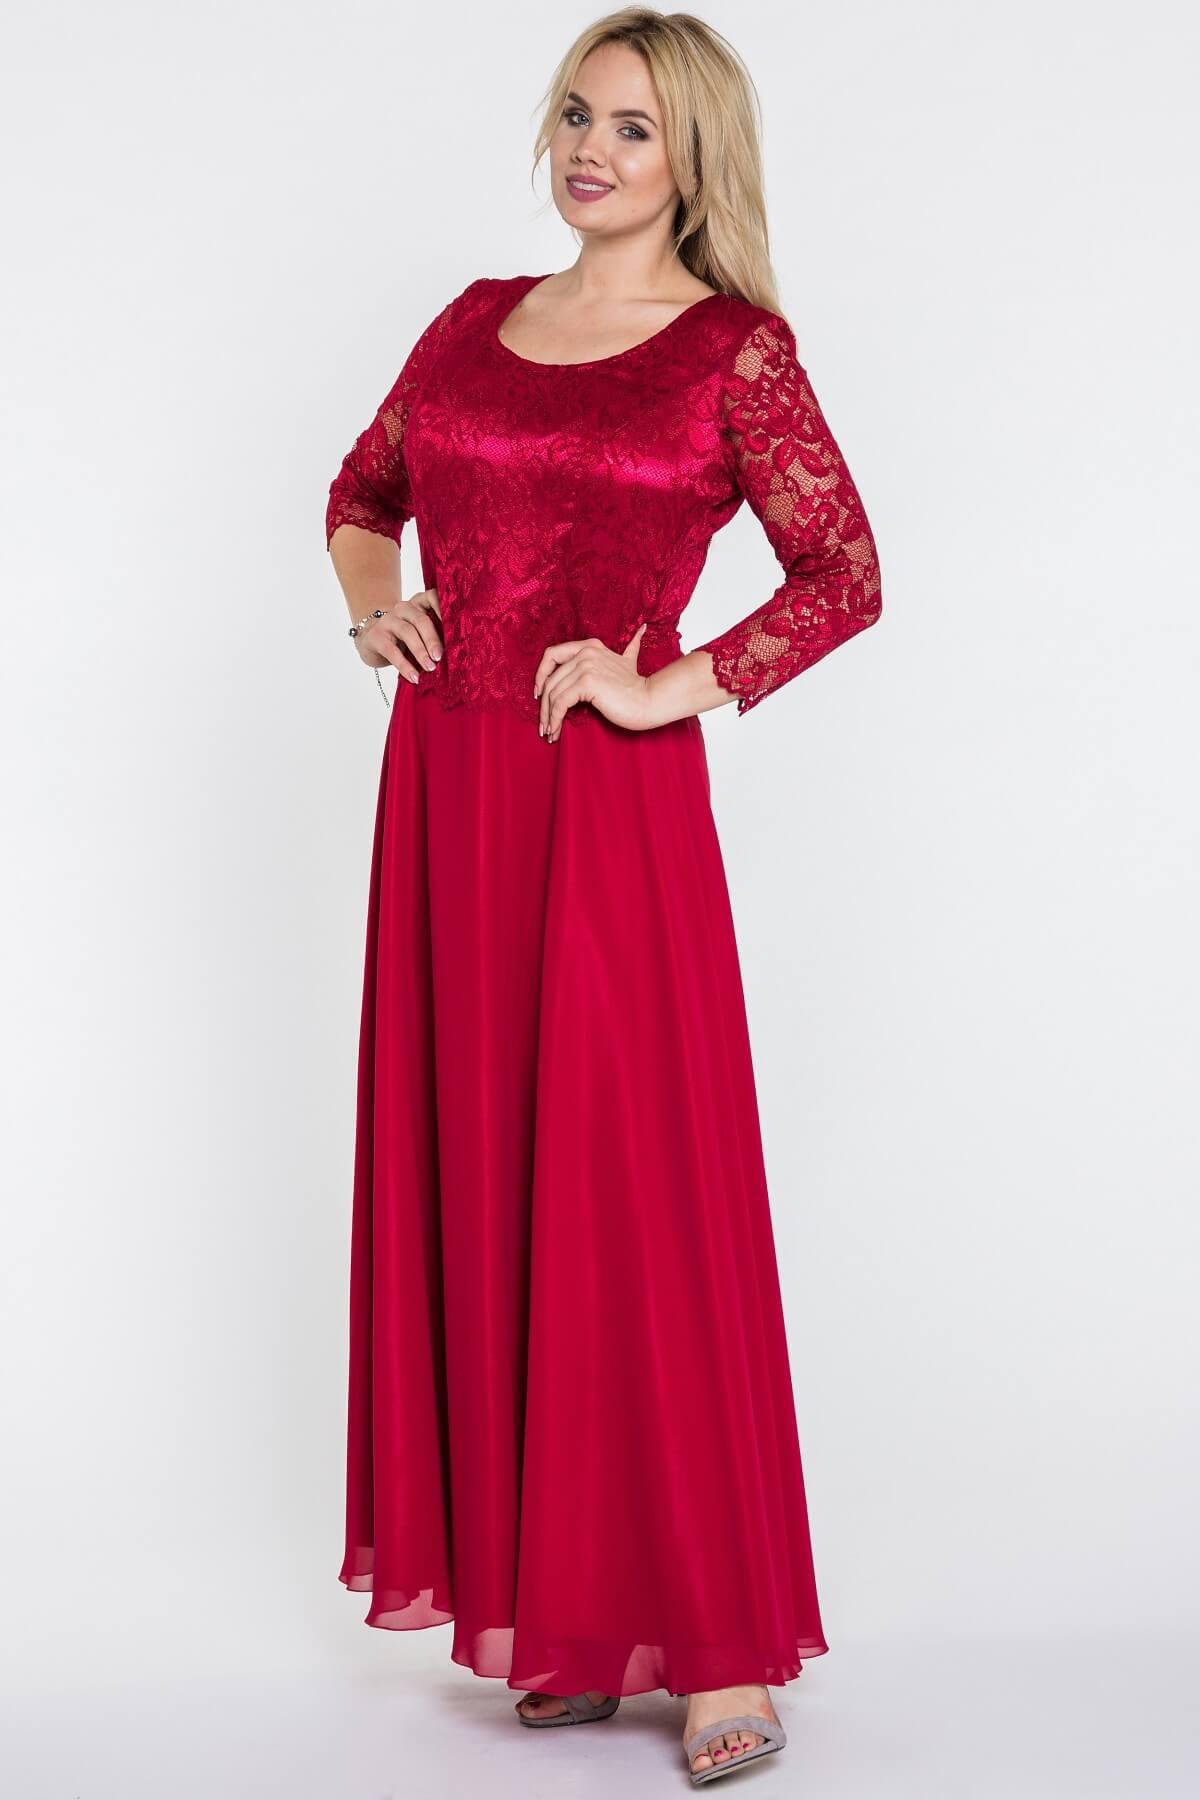 1d8e0ead55 Długa sukienka na wesele – czy wypada  - Blog o modzie